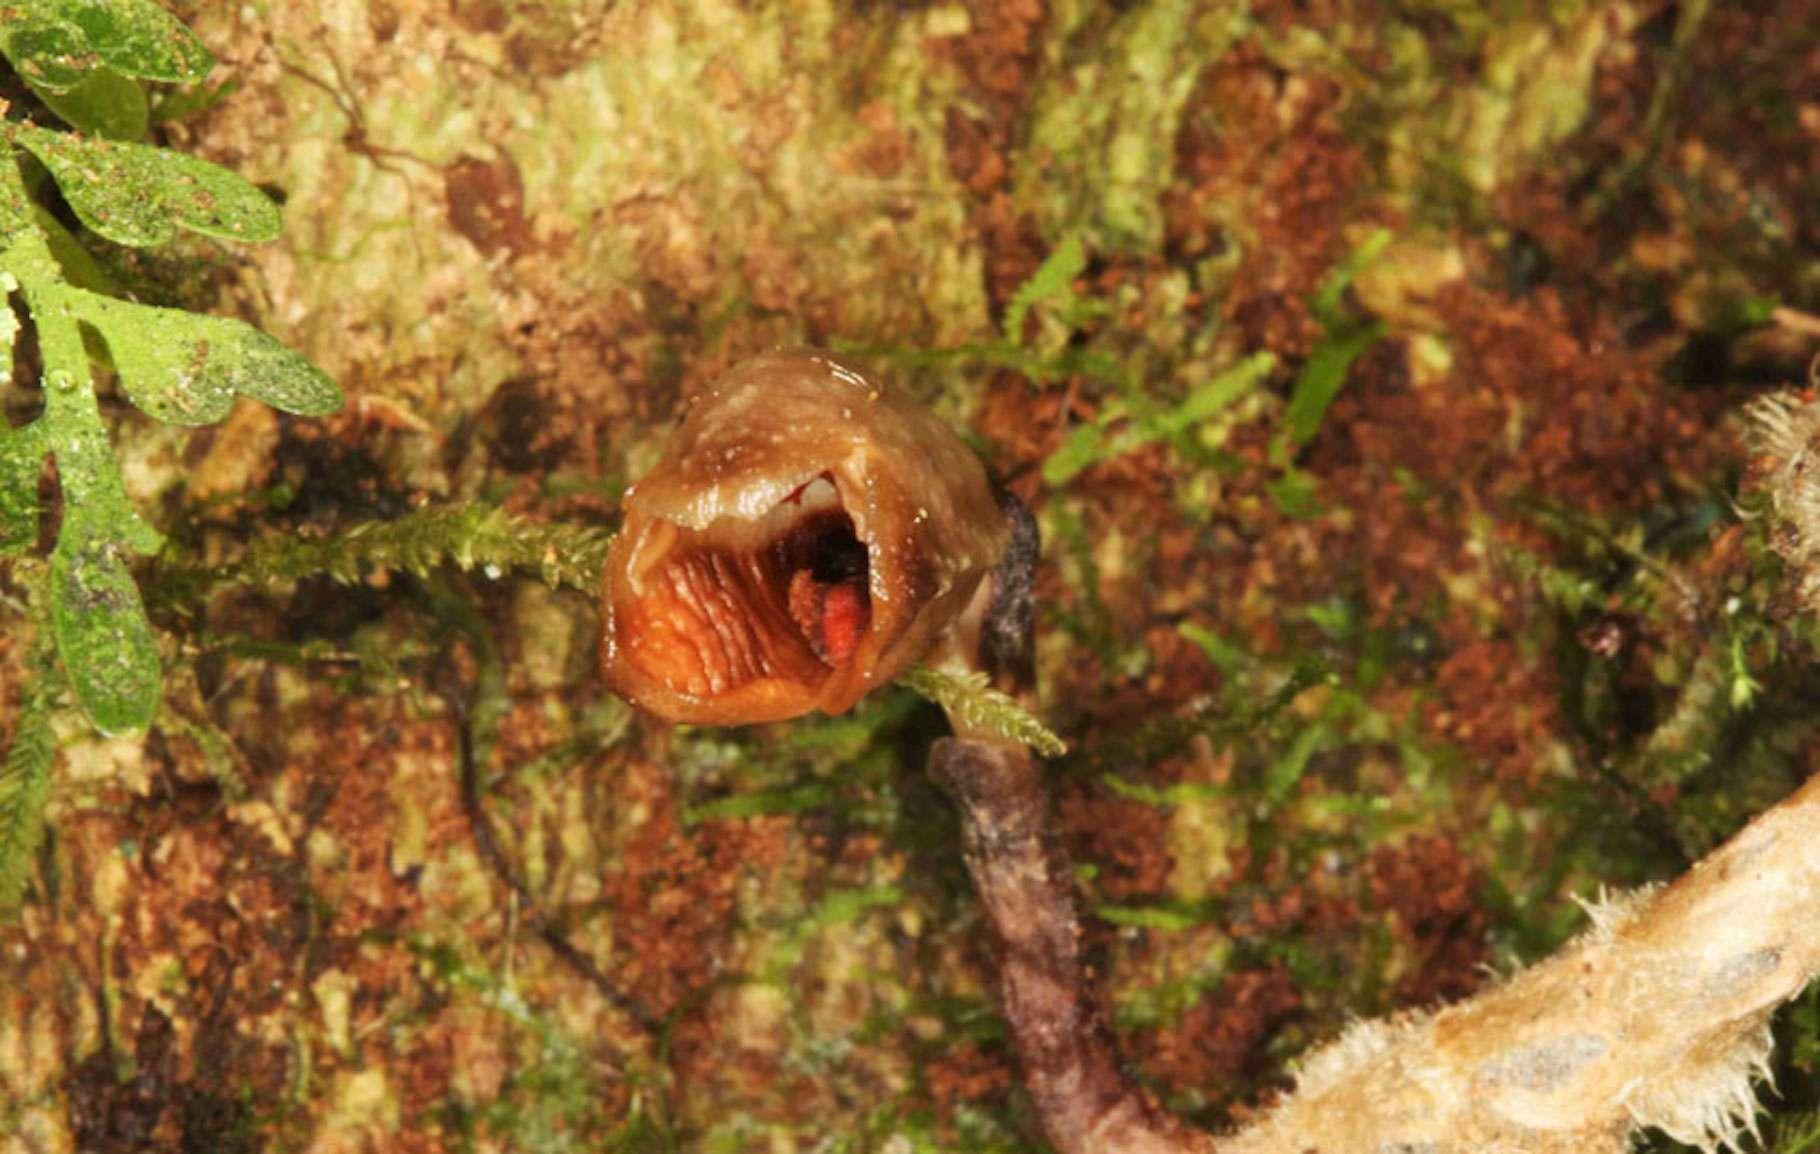 Gastrodia agnicellus, nouvellement découverte à Madagascar en 2020, devient l'orchidée la plus moche du monde. Évoluant sur une aire de répartition réduite et en déclin, elle a immédiatement été classée parmi les espèces menacées. © Rick Burian, Jardins botaniques royaux de Kew